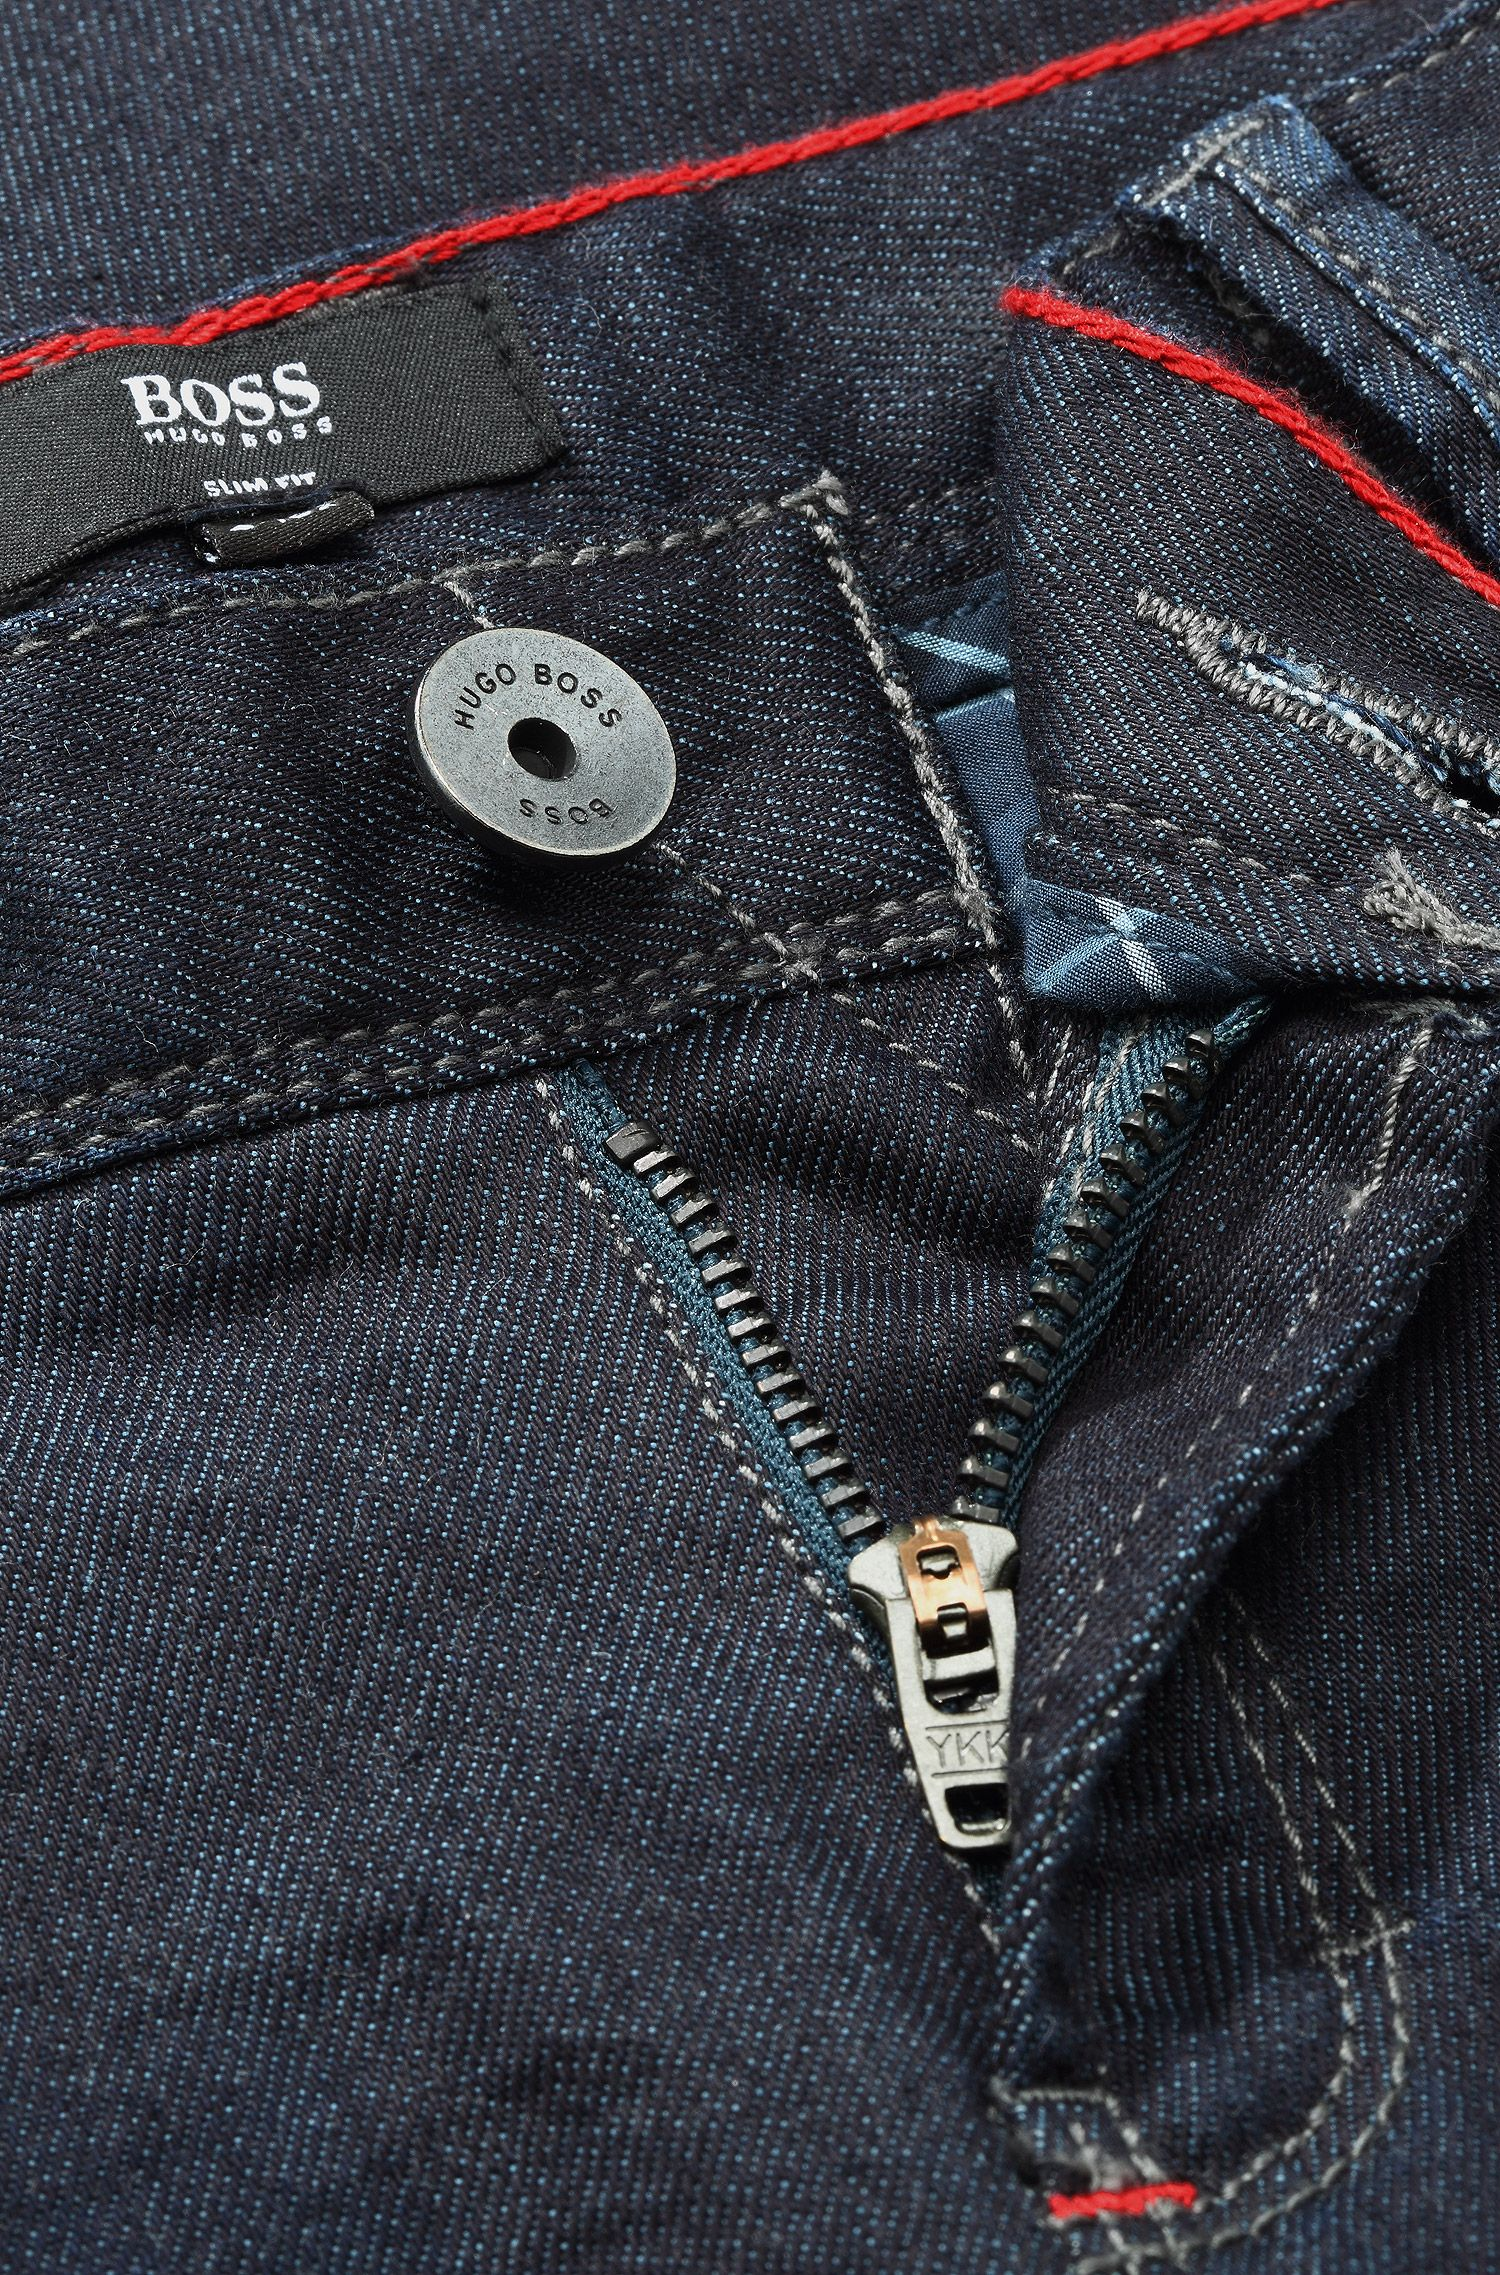 Jeans pour enfant «J24305» en coton mélangé